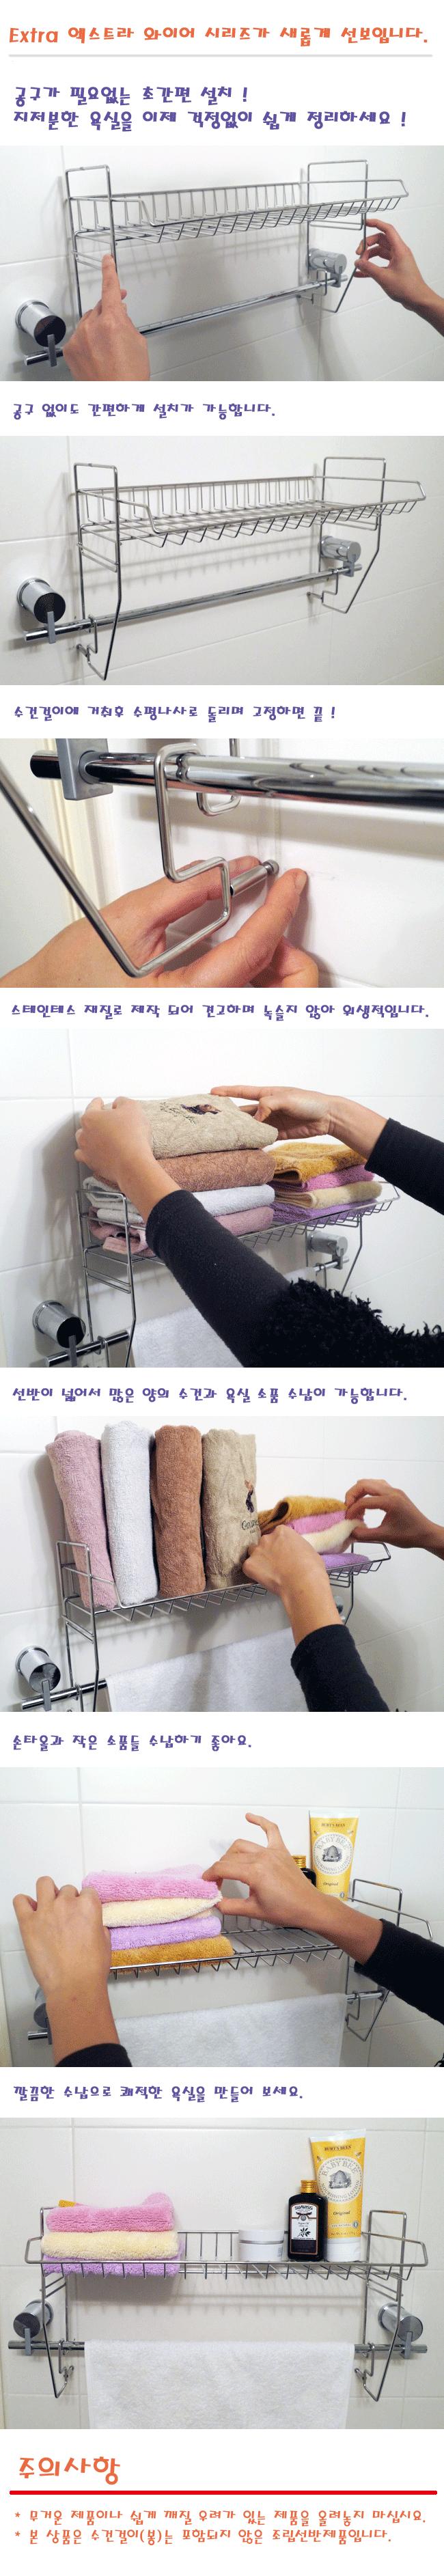 [ seachang ] ชั้นวางผ้าเช็ดพิเศษเพียงตัวเดียว